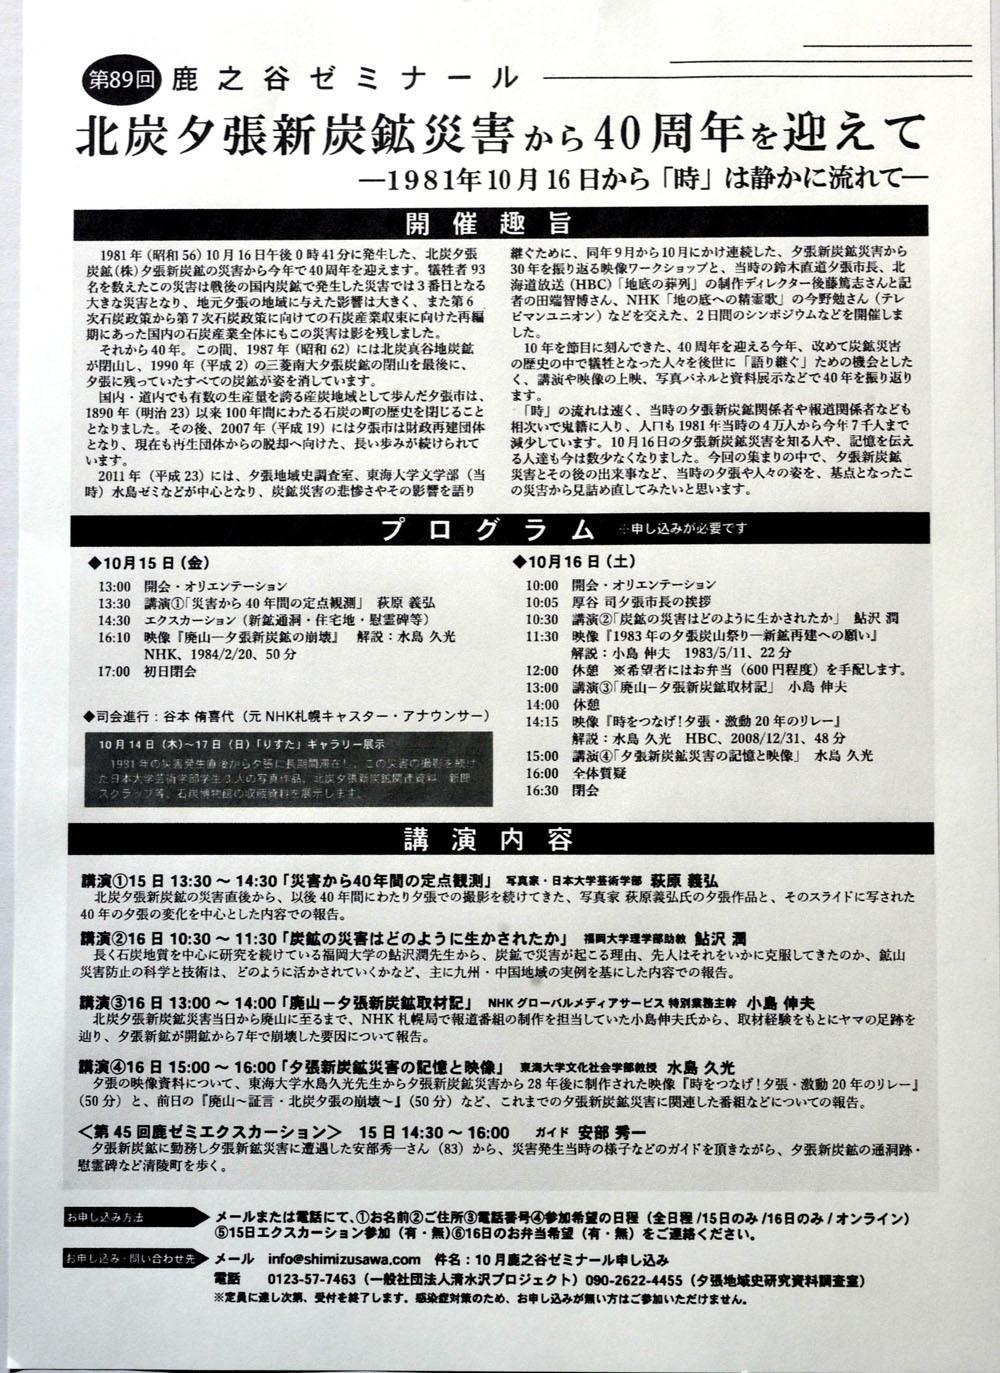 夕張新炭鉱事故から40年_f0173596_10384923.jpg